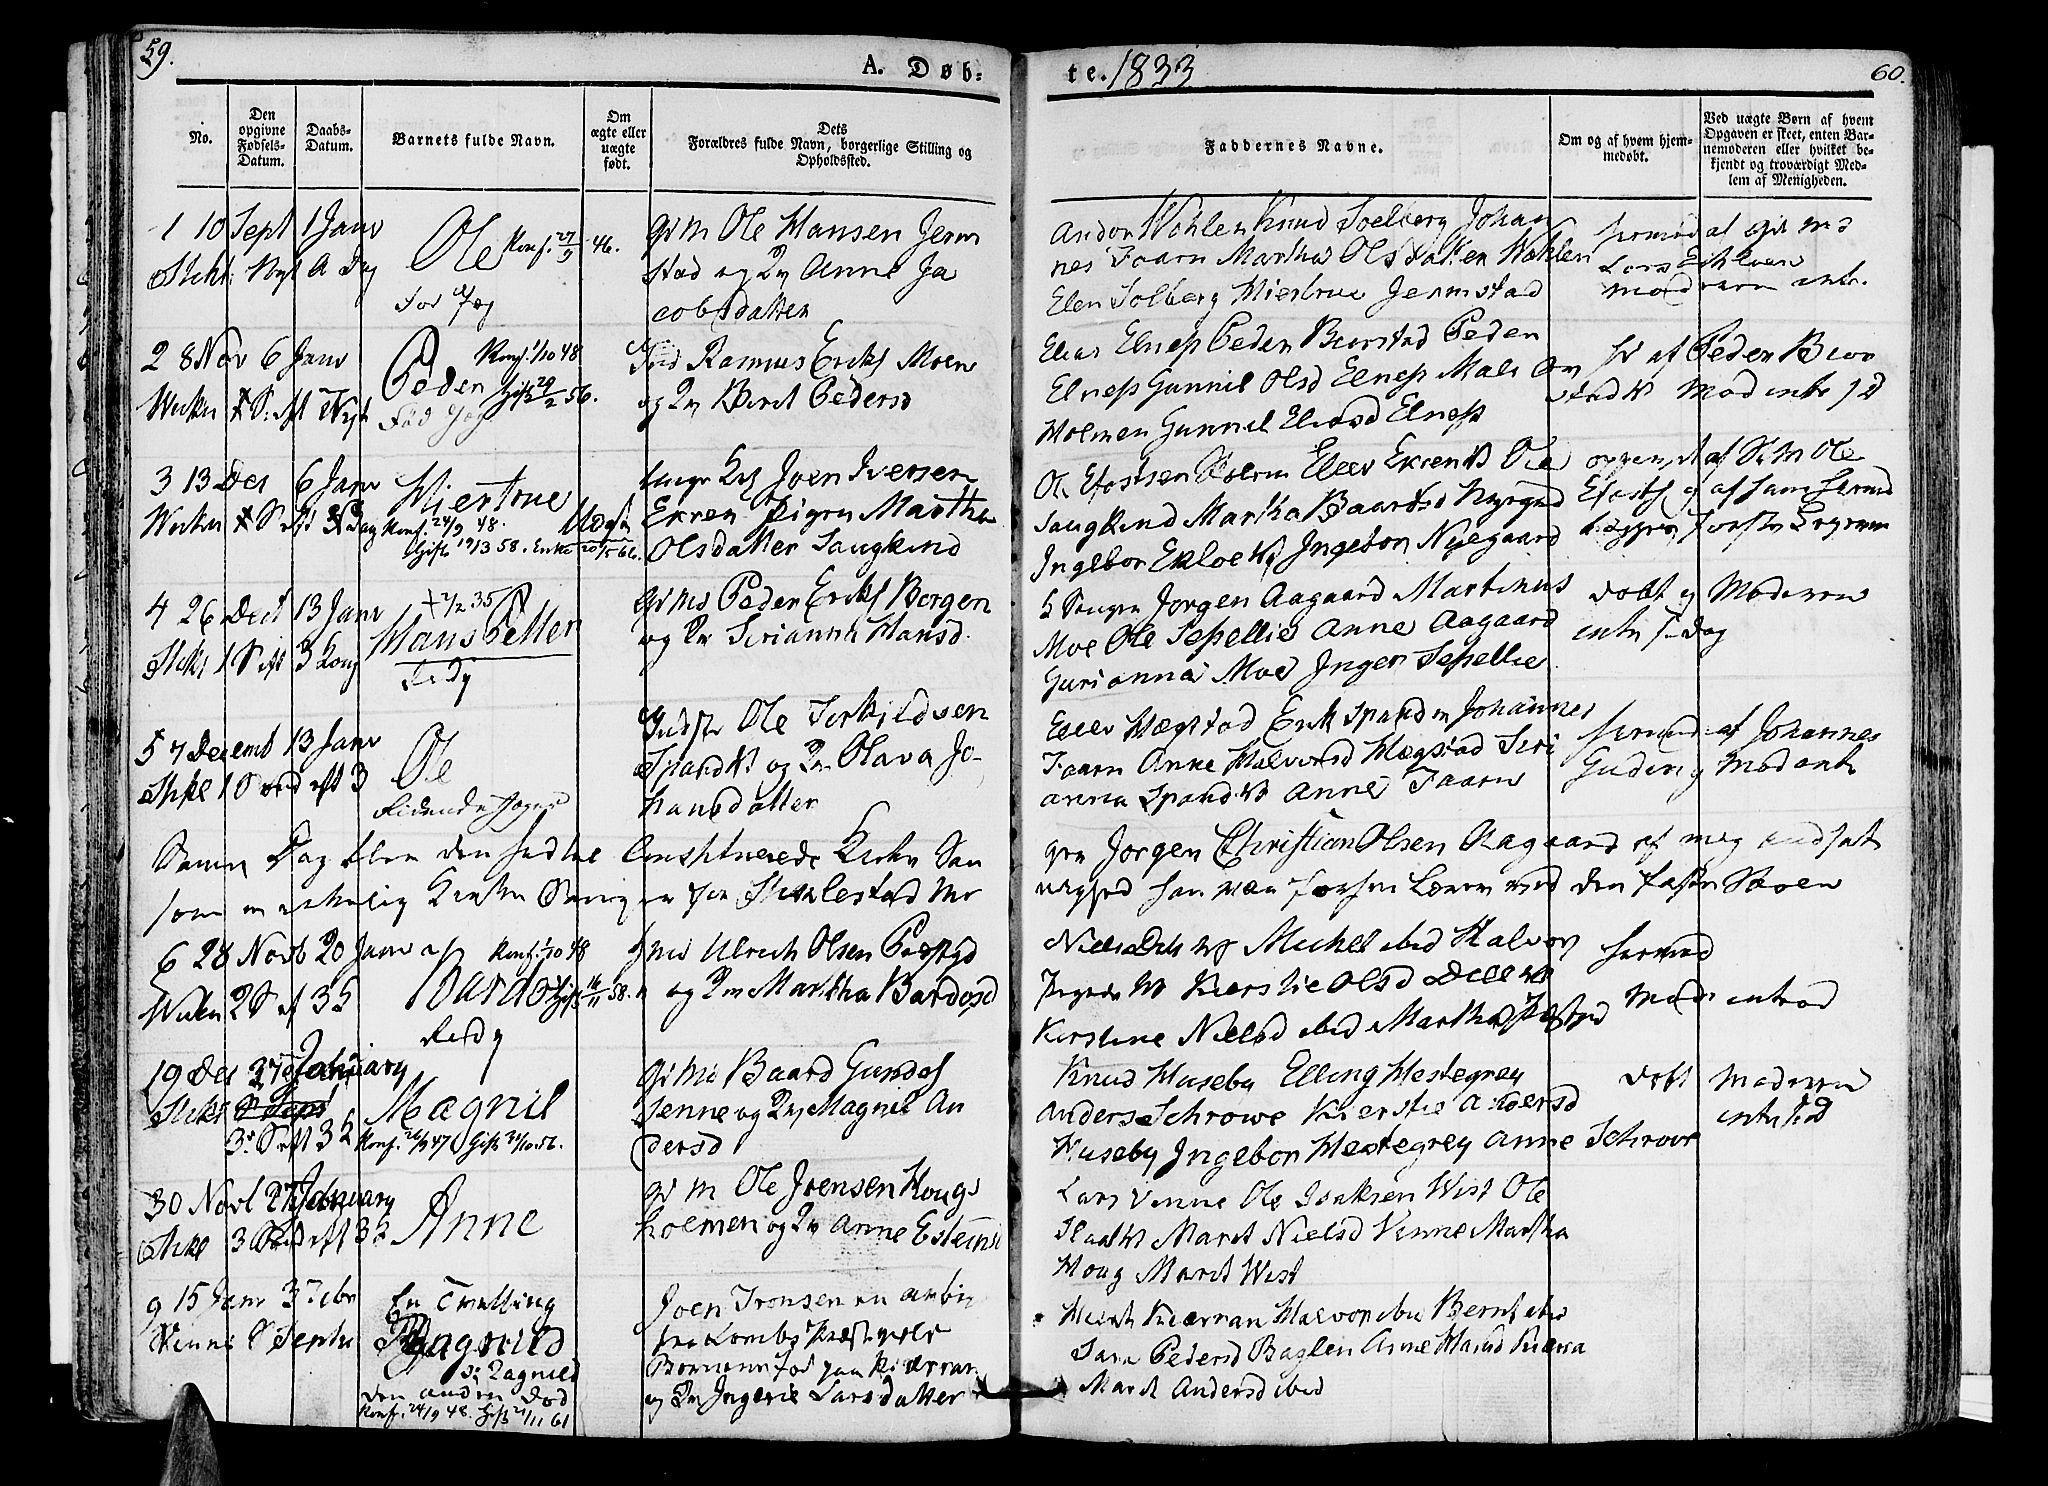 SAT, Ministerialprotokoller, klokkerbøker og fødselsregistre - Nord-Trøndelag, 723/L0238: Ministerialbok nr. 723A07, 1831-1840, s. 59-60